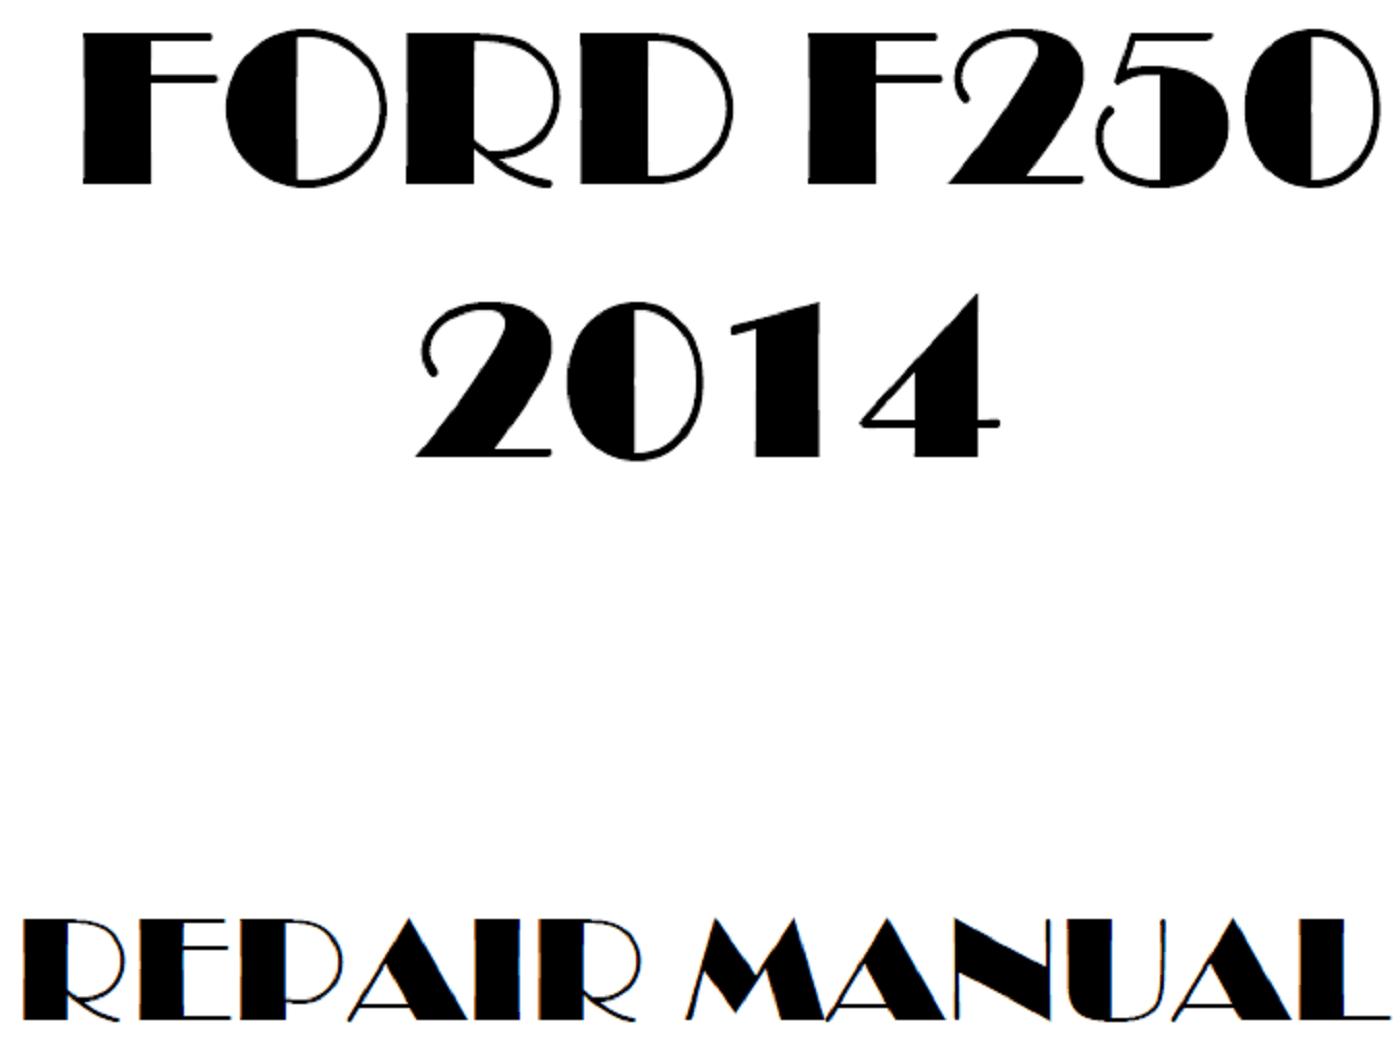 2014 Ford F250 F350 F450 F550 repair manual